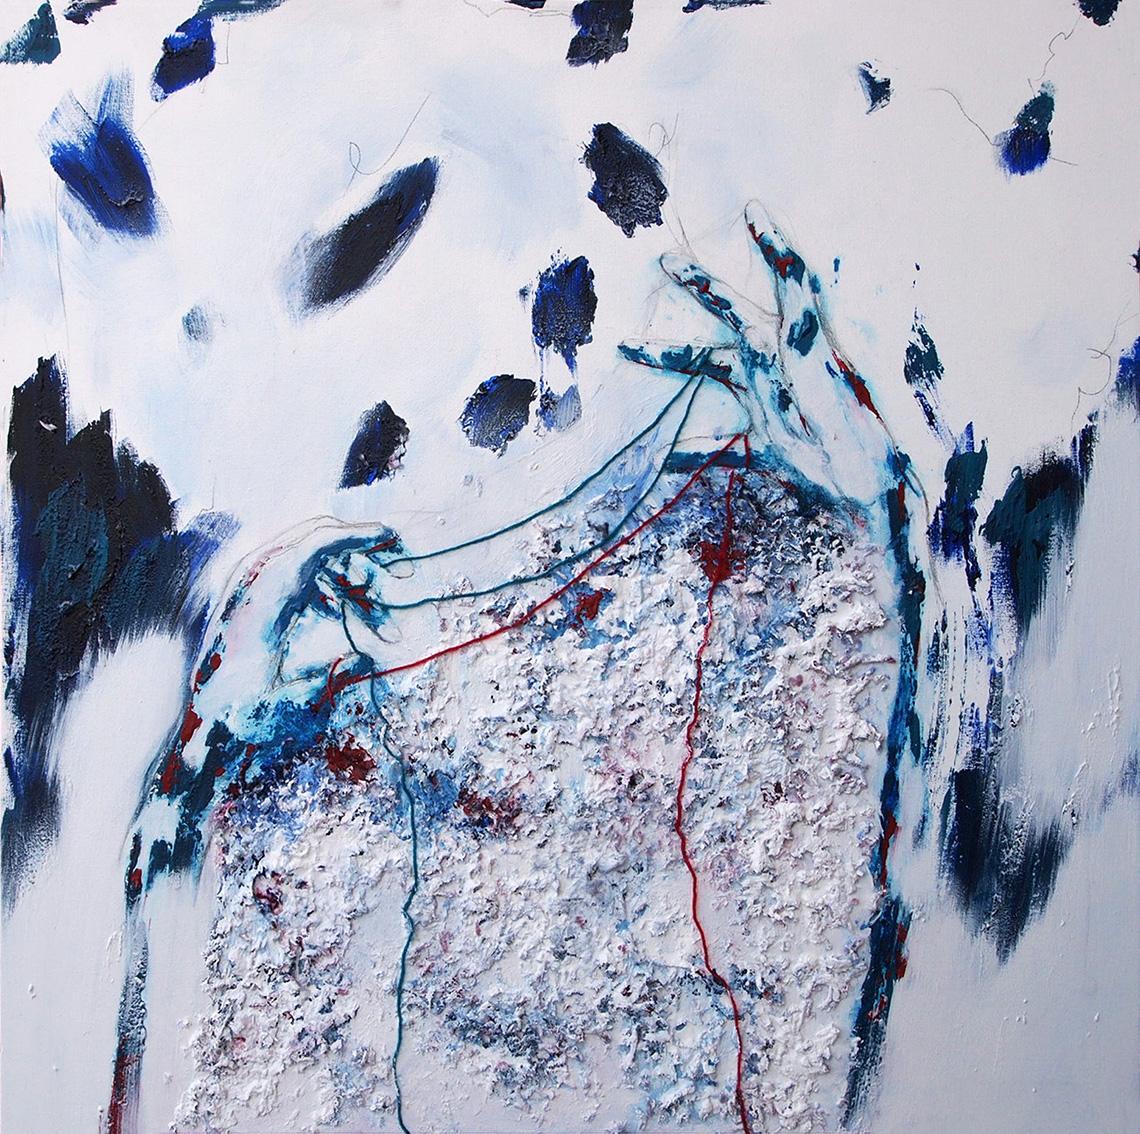 Silvia Golja, ''Vizualne varijacije 3'', kombinirana tehnika akrila, ugljena i vune na platnu, 80x80 cm